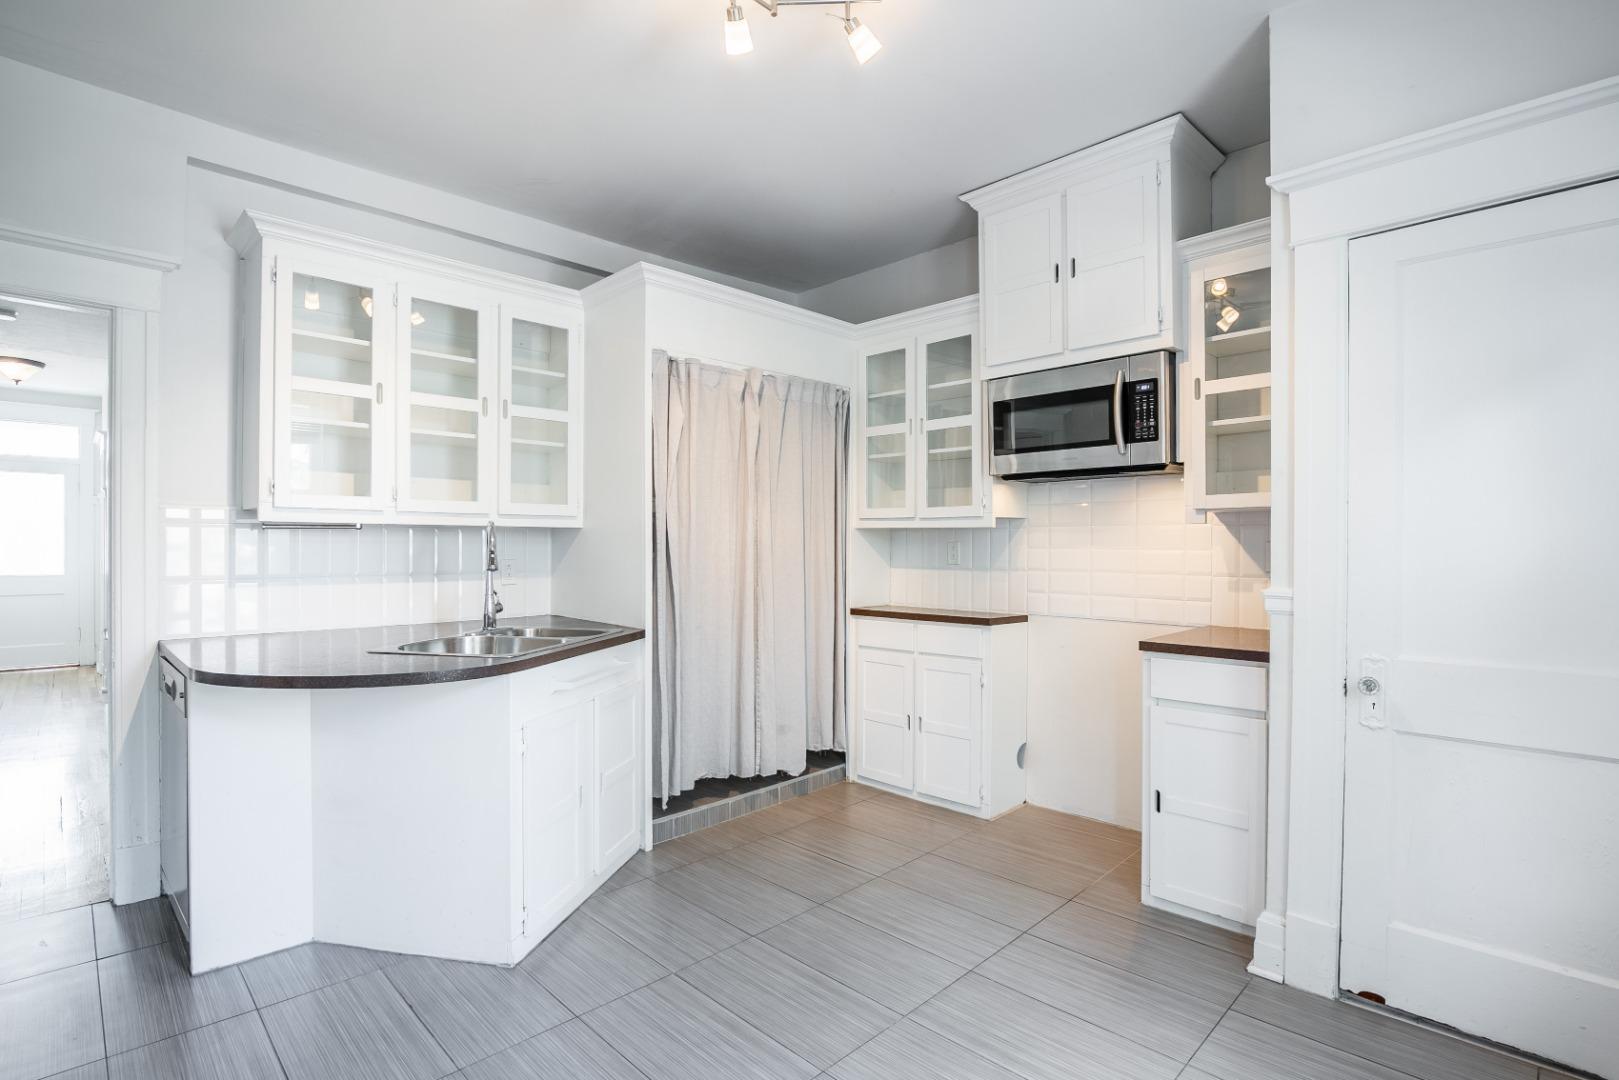 Appartement à louer Rosemont - 6403, rue de Bordeaux 13